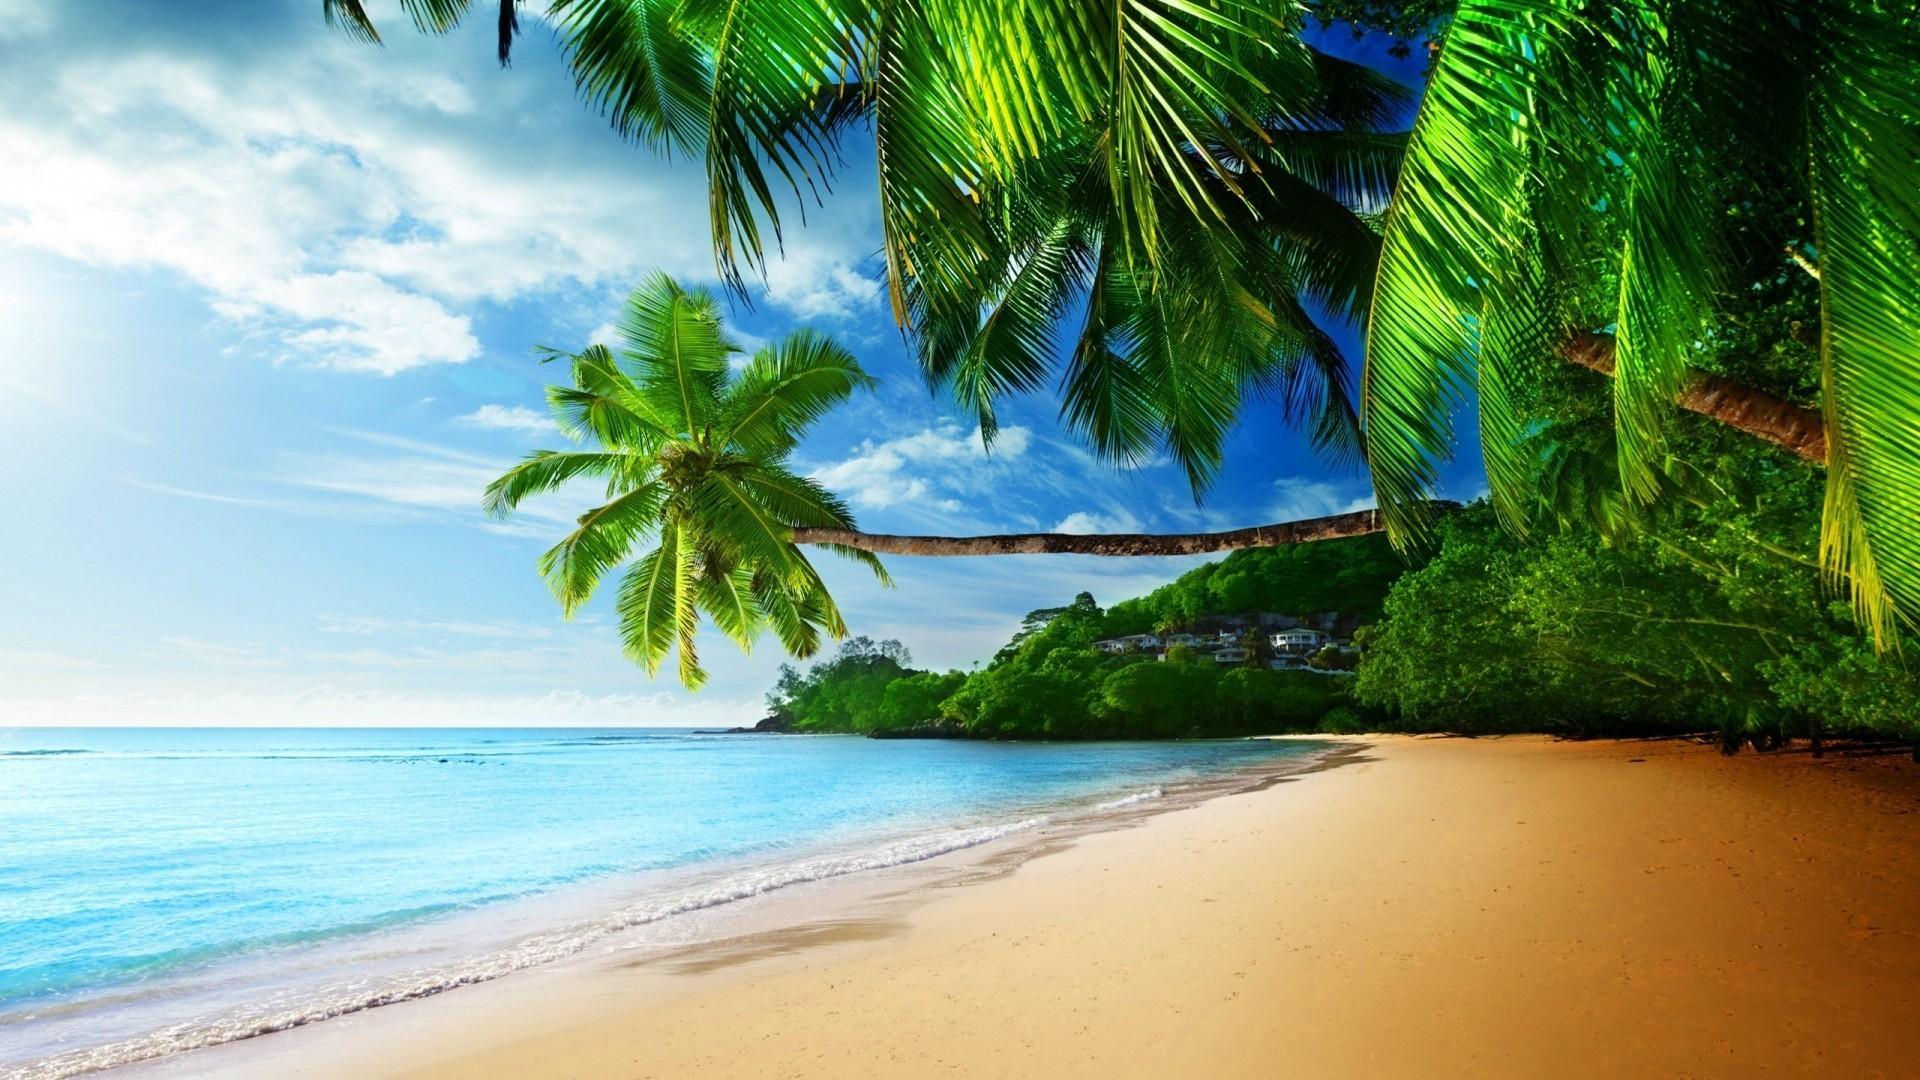 High Resolution Beach Wallpaper: Tropical Wallpaper Desktop ·① WallpaperTag